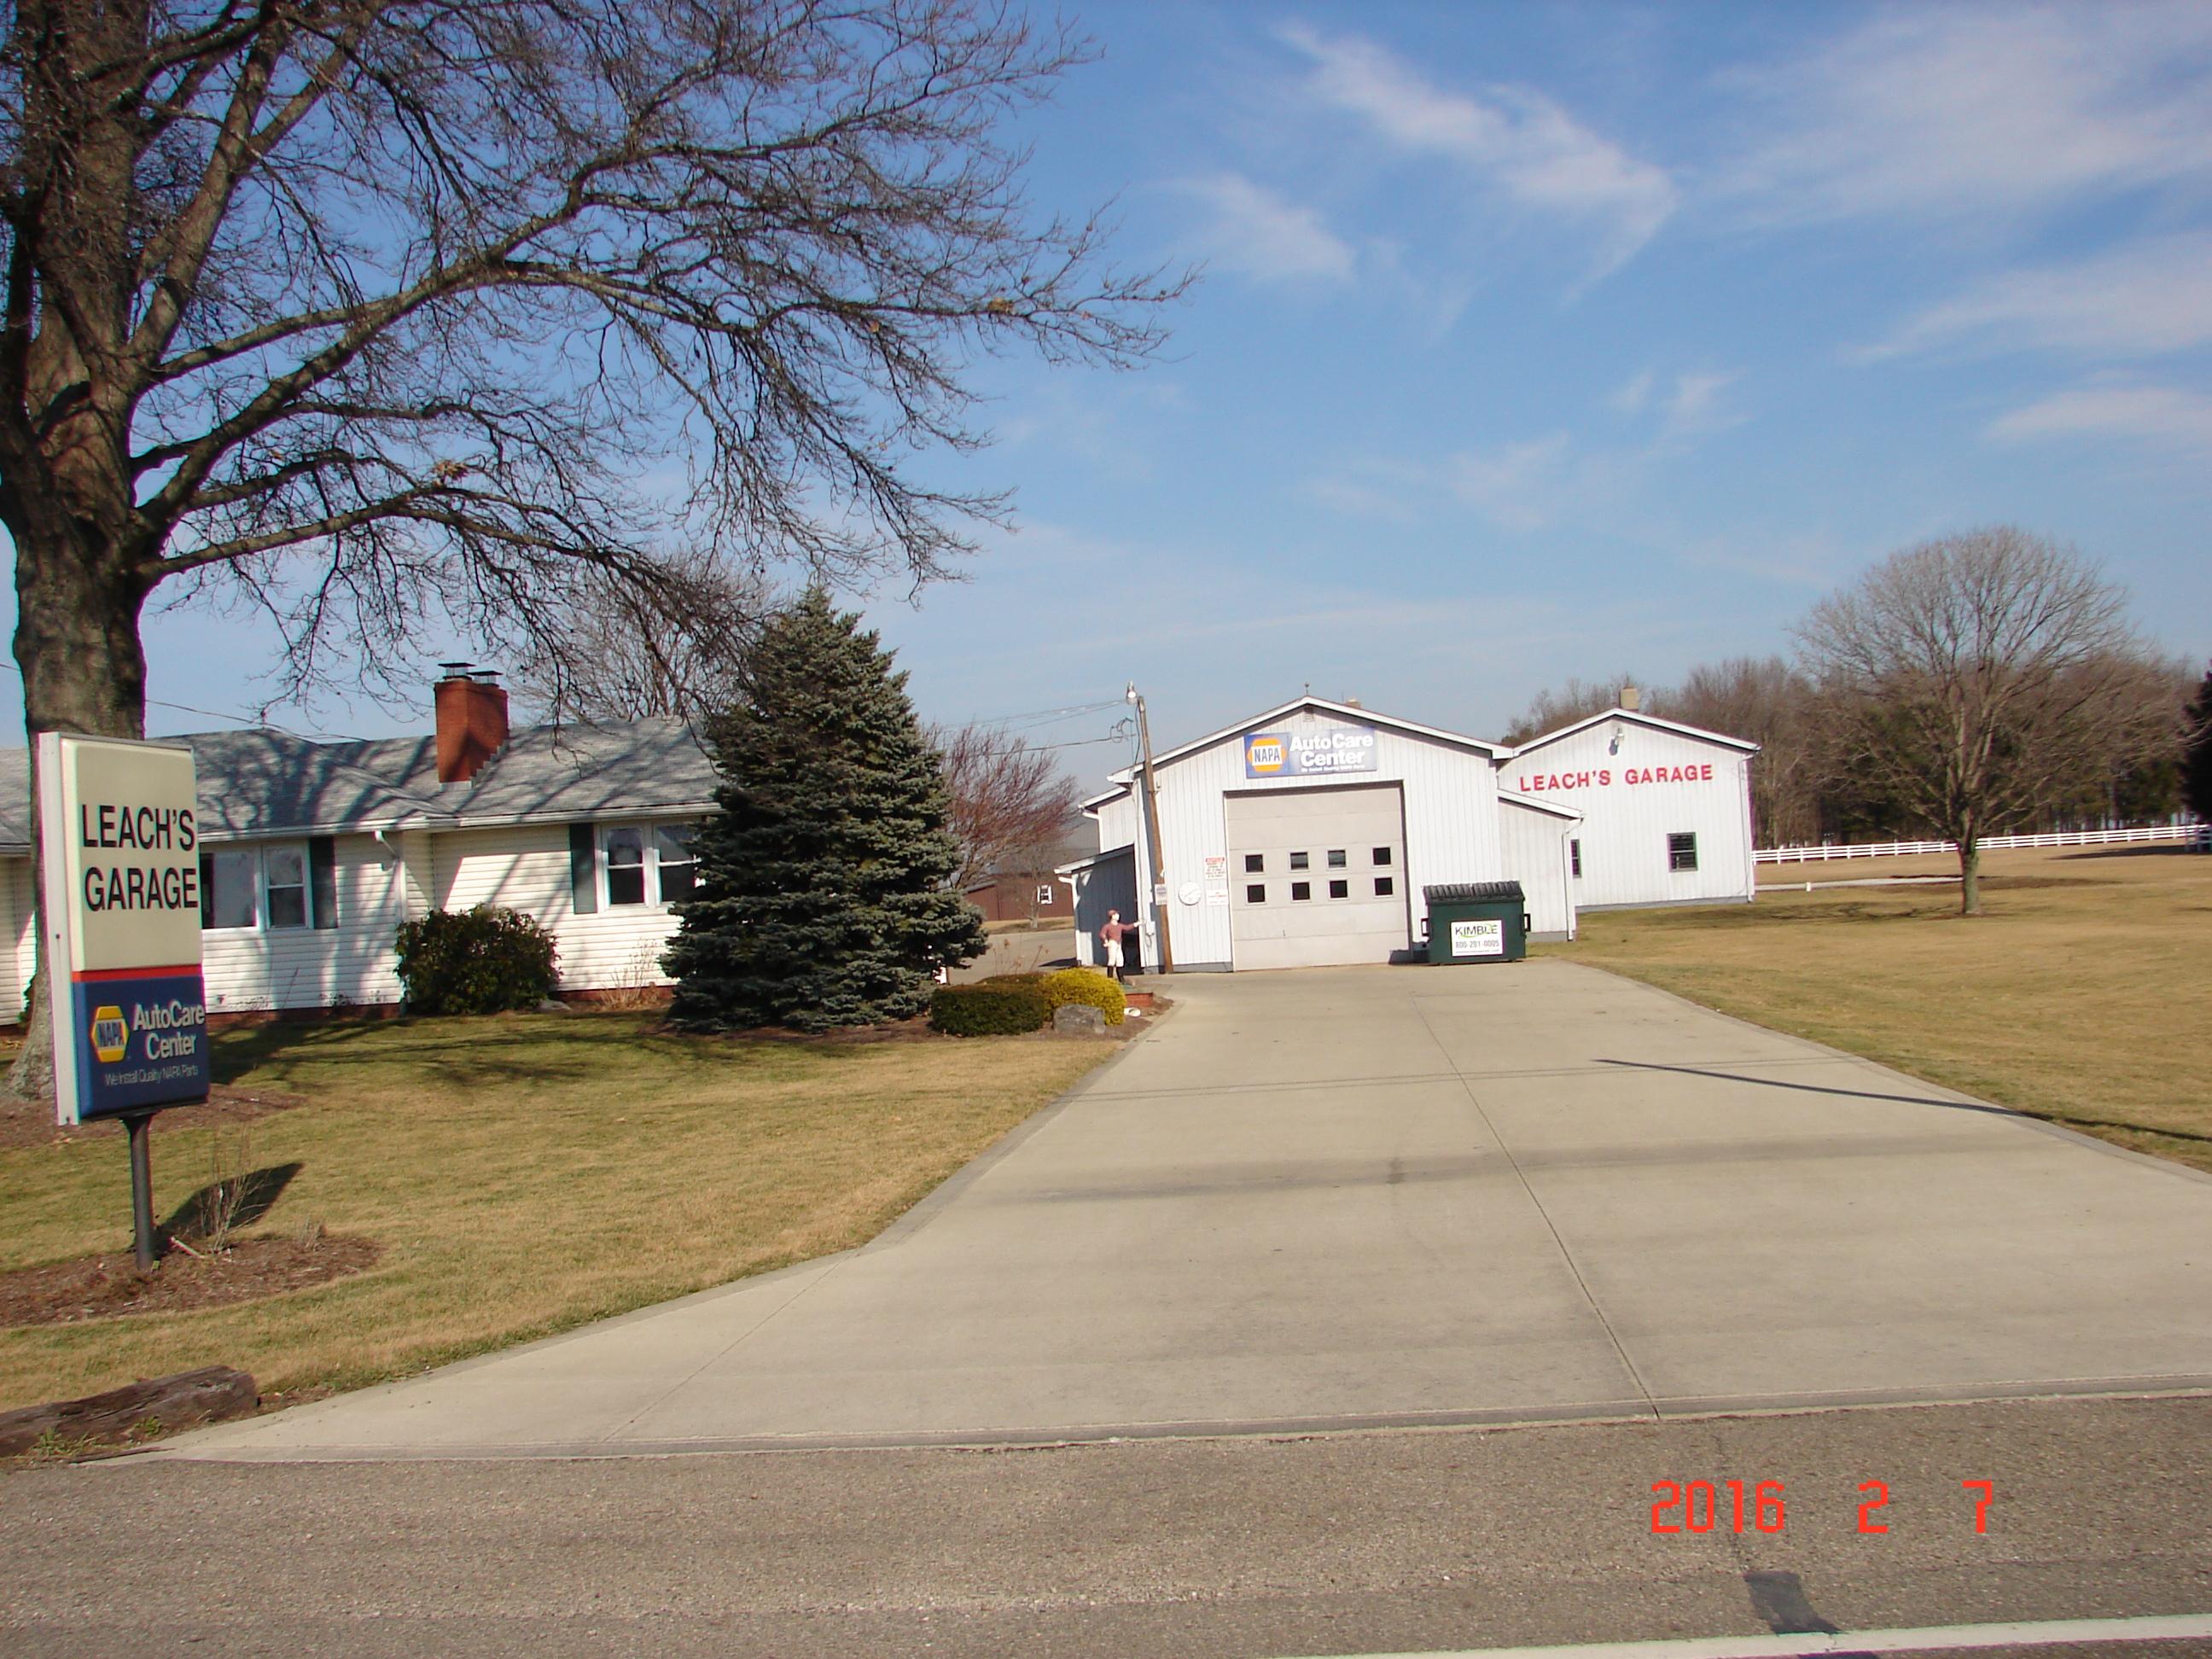 Leach's Garage